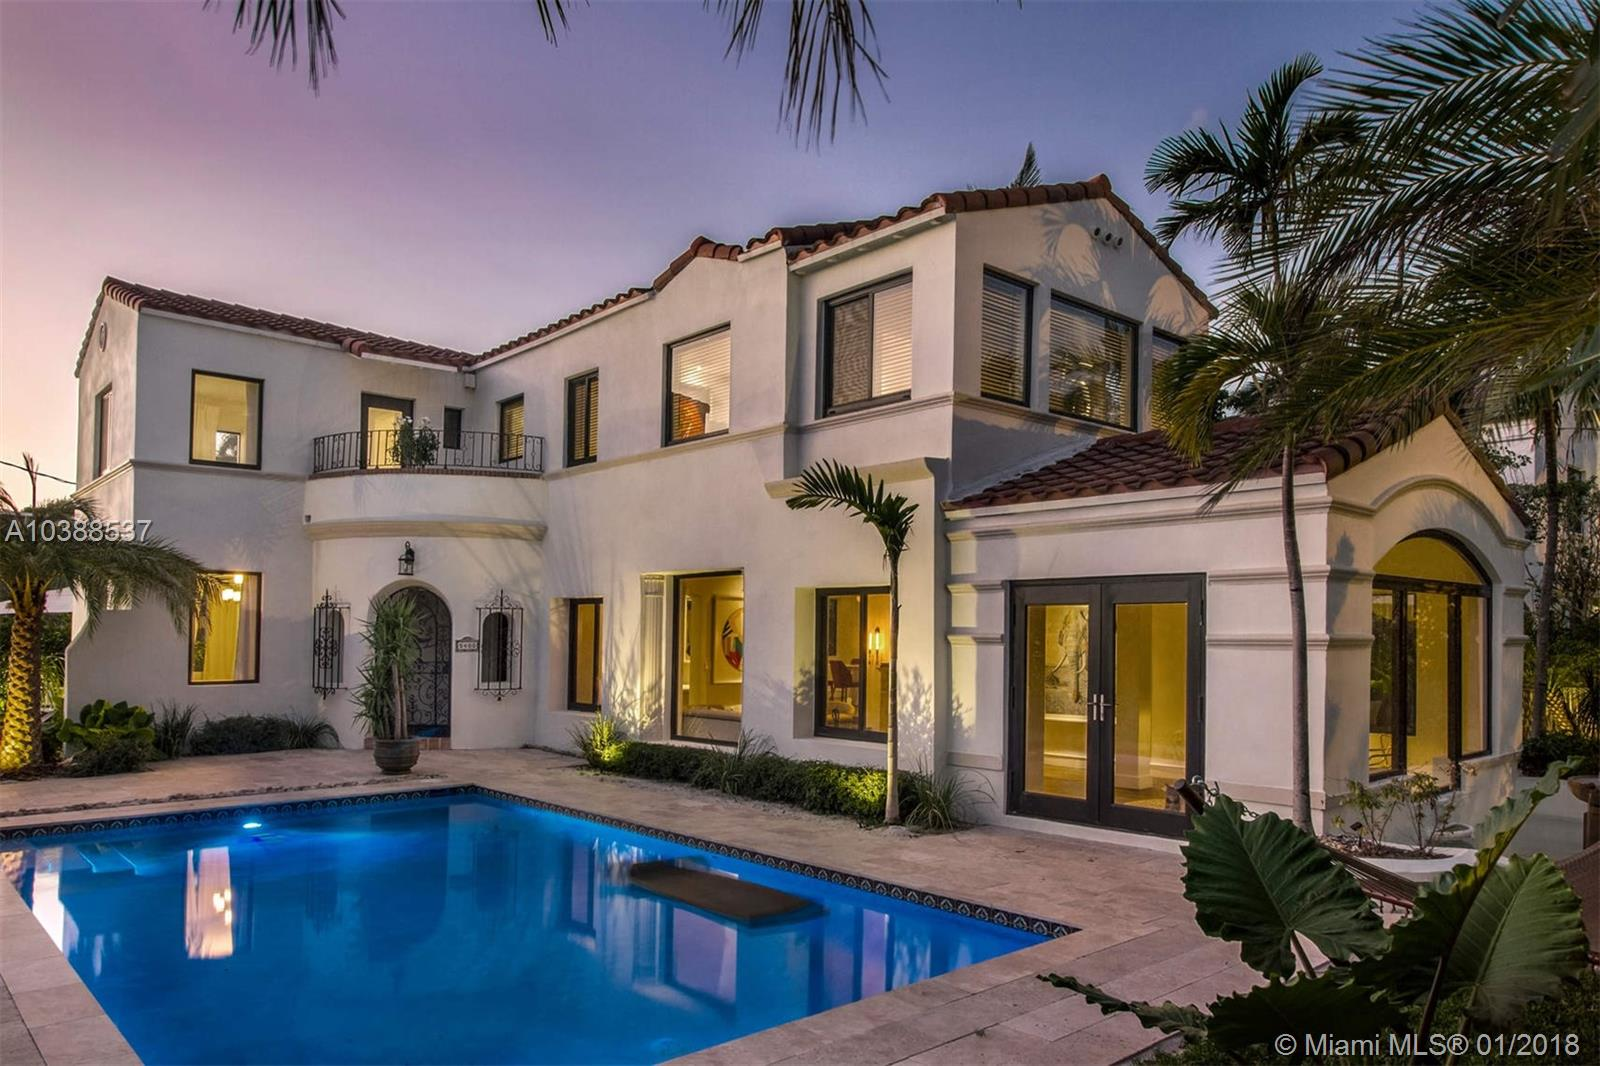 Impeccable Texas Pine Tree Dr Exterior Priced Miami Beach Houses Aria Luxe Mediterranean Style Homes Plans Mediterranean Style Homes houzz-02 Mediterranean Style Homes